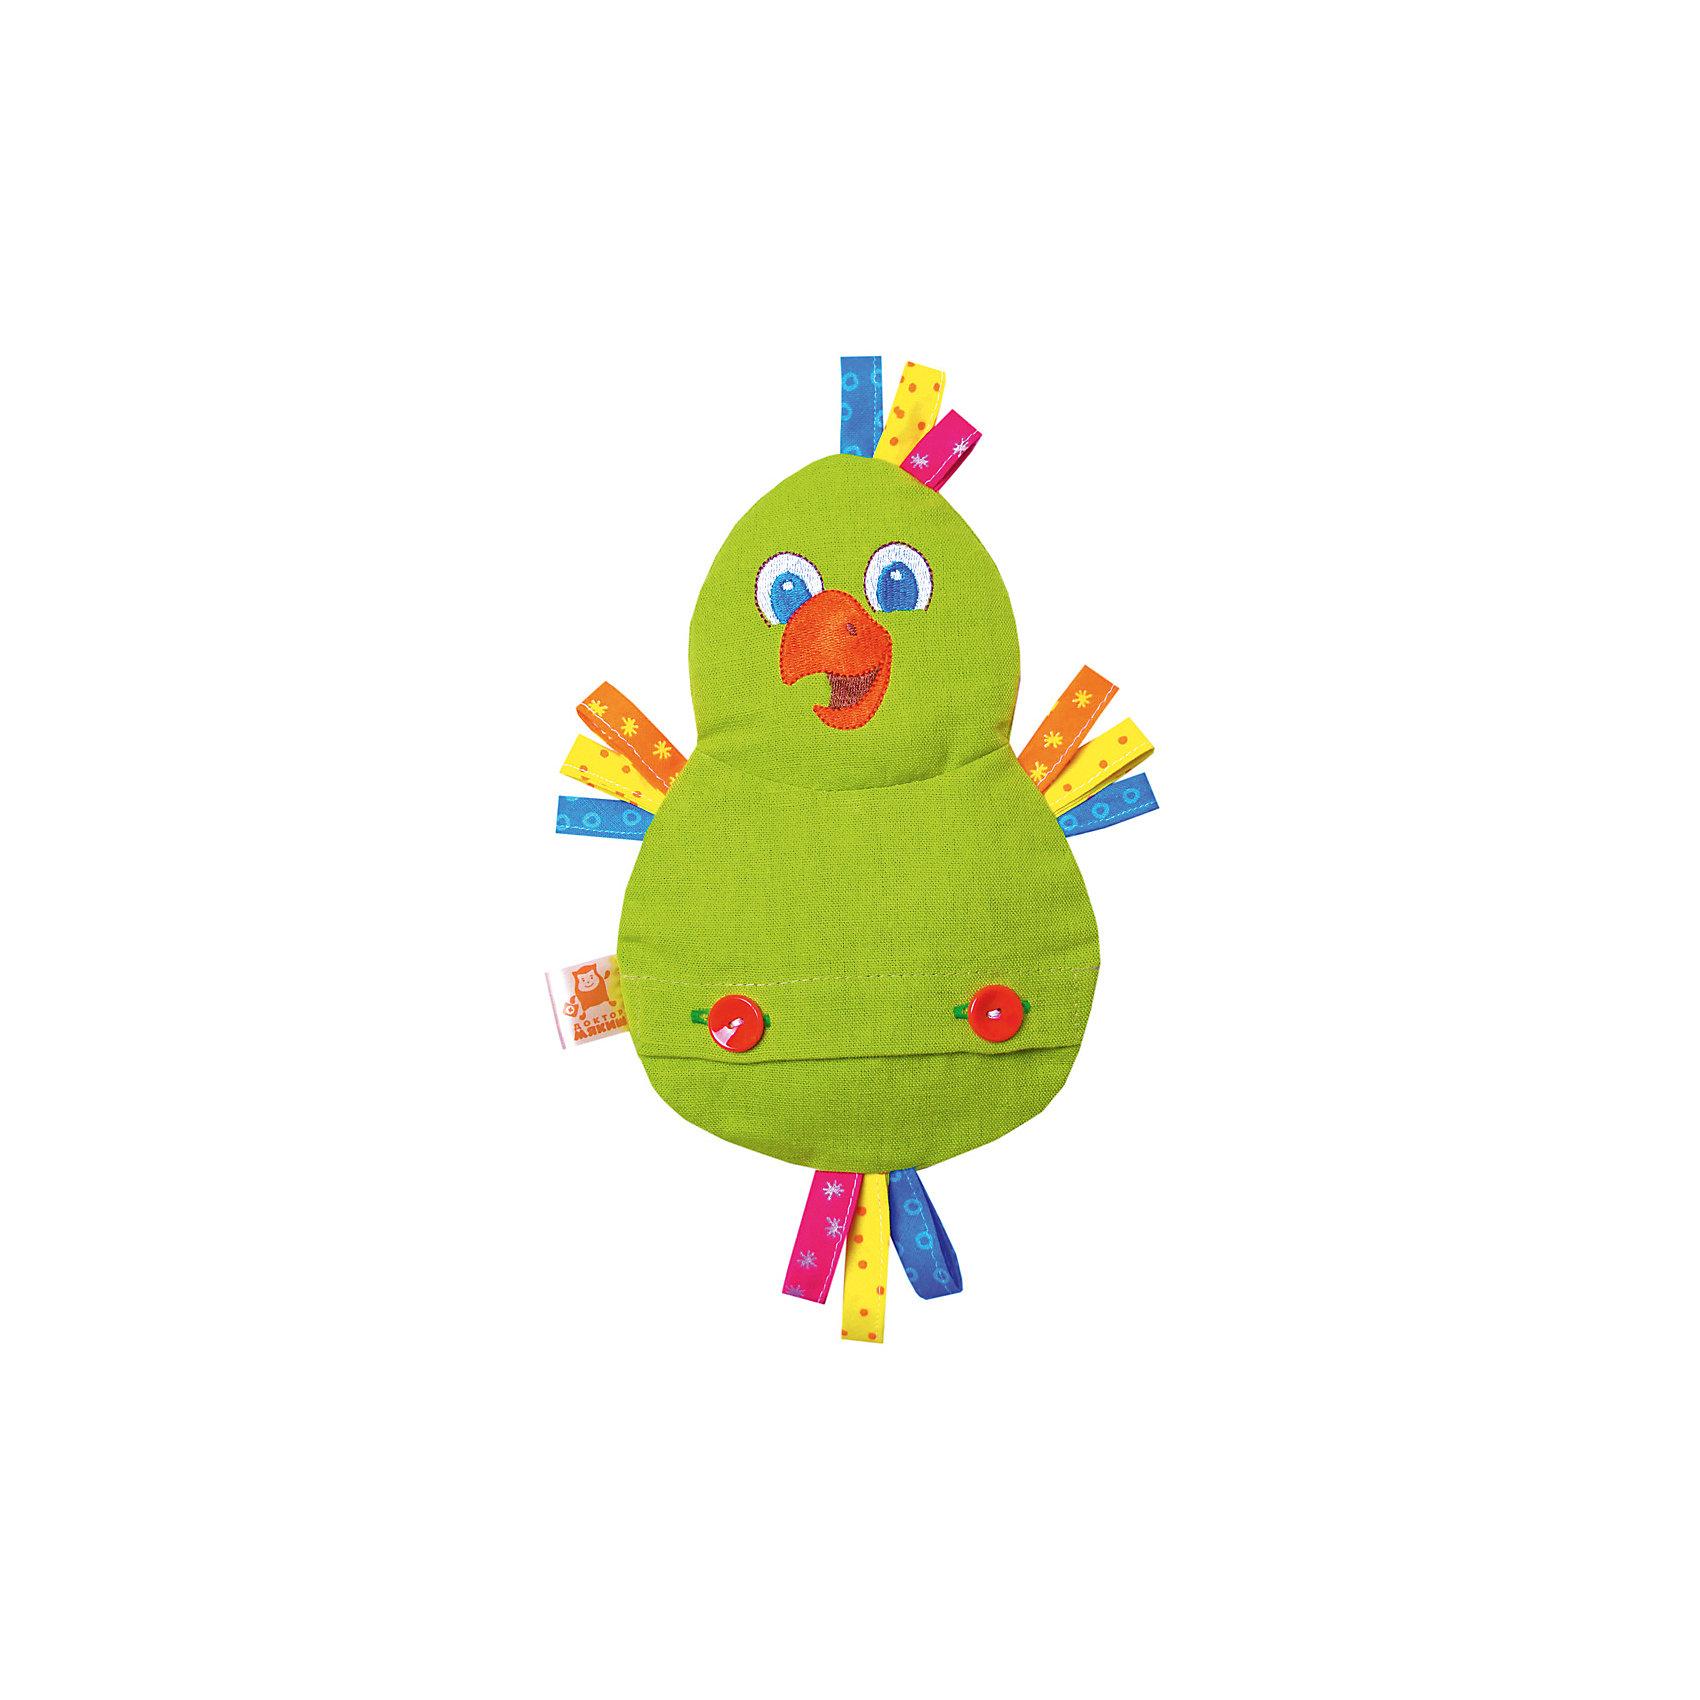 Игрушка на руку Доктор Мякиш-Попугай, МякишиМягкие игрушки<br>Характеристики товара:<br><br>• материал: лён, вишнёвые косточки, вышивка, холлофайбер, хлопок<br>• комплектация: 1 шт<br>• размер игрушки: 18х27х4 см<br>• размер упаковки: 18х32х4 см<br>• развивающая игрушка<br>• упаковка: ламинированный картонный холдер<br>• вишневые косточки внутри<br>• страна бренда: РФ<br>• страна изготовитель: РФ<br><br>Малыши активно познают мир и тянутся к новой информации. Чтобы сделать процесс изучения окружающего пространства интереснее, ребенку можно подарить развивающие игрушки. В процессе игры информация усваивается намного лучше!<br>Такие термоигрушки содержат внутри мешочек с вишневыми косточками, которые можно нагреть или остудить, после чего вложить в игрушку. Также изделия помогут занять малыша, играть с ними приятно и весело. Одновременно игрушка позволит познакомиться с разными цветами и фактурами. Такие игрушки развивают тактильные ощущения, моторику, цветовосприятие, логику, воображение, учат фокусировать внимание. Каждое изделие абсолютно безопасно – оно создано из качественной ткани с мягким наполнителем. Игрушки производятся из качественных и проверенных материалов, которые безопасны для детей.<br><br>Термоигрушку Доктор Мякиш-Попугай от бренда Мякиши можно купить в нашем интернет-магазине.<br><br>Ширина мм: 270<br>Глубина мм: 40<br>Высота мм: 180<br>Вес г: 150<br>Возраст от месяцев: 12<br>Возраст до месяцев: 36<br>Пол: Унисекс<br>Возраст: Детский<br>SKU: 5183193